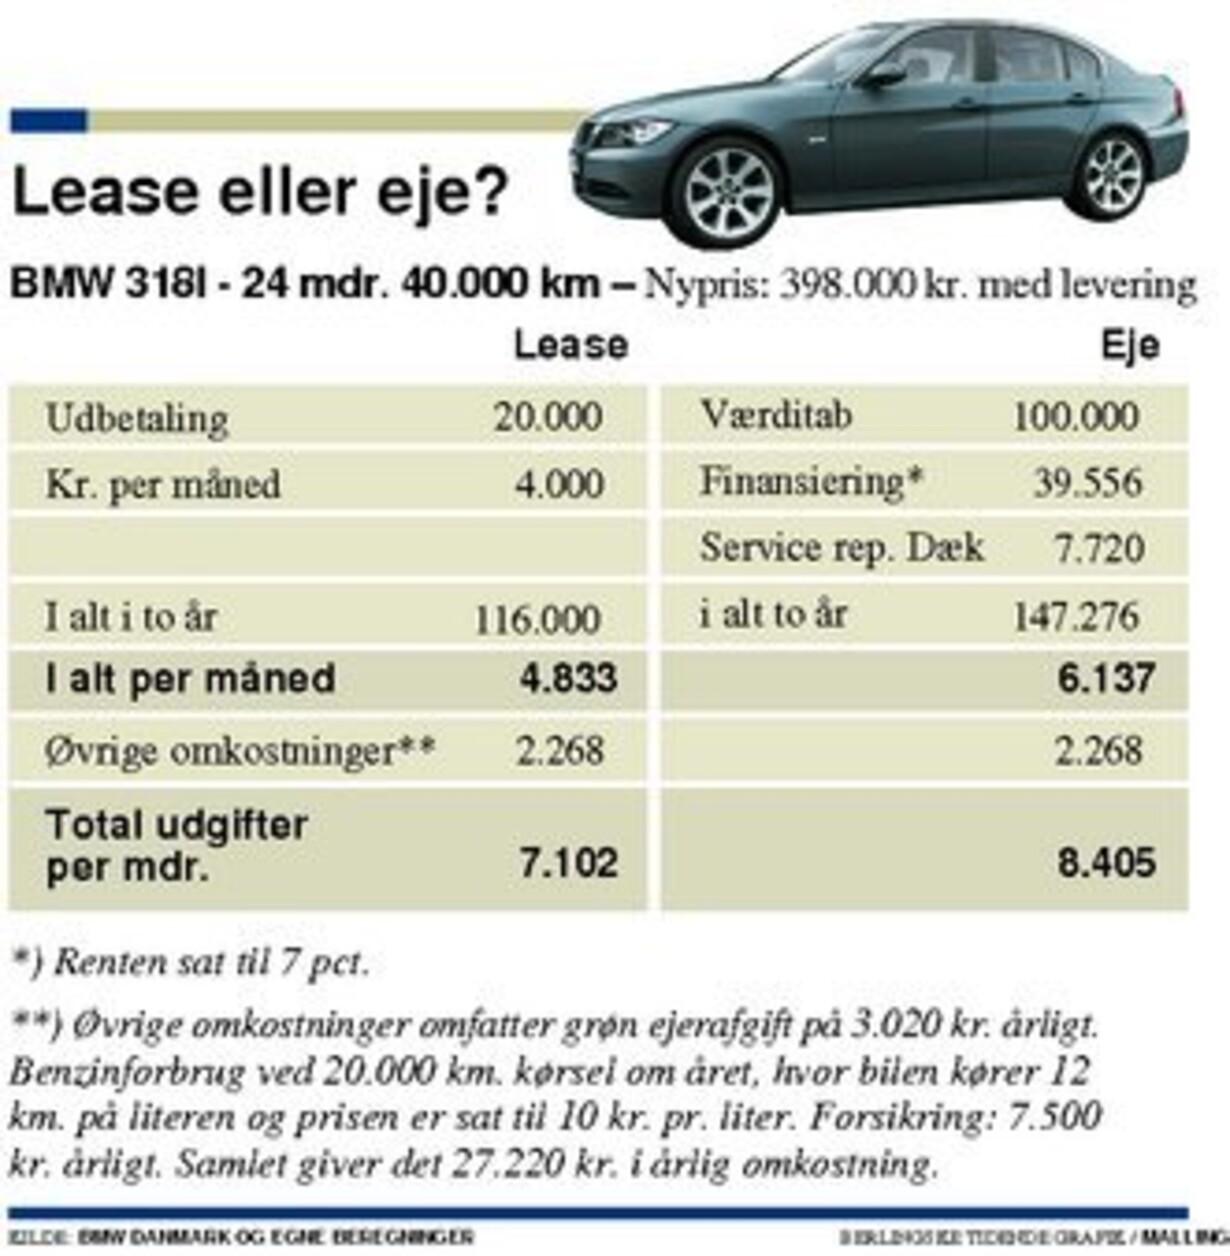 leasing af firmabil priser